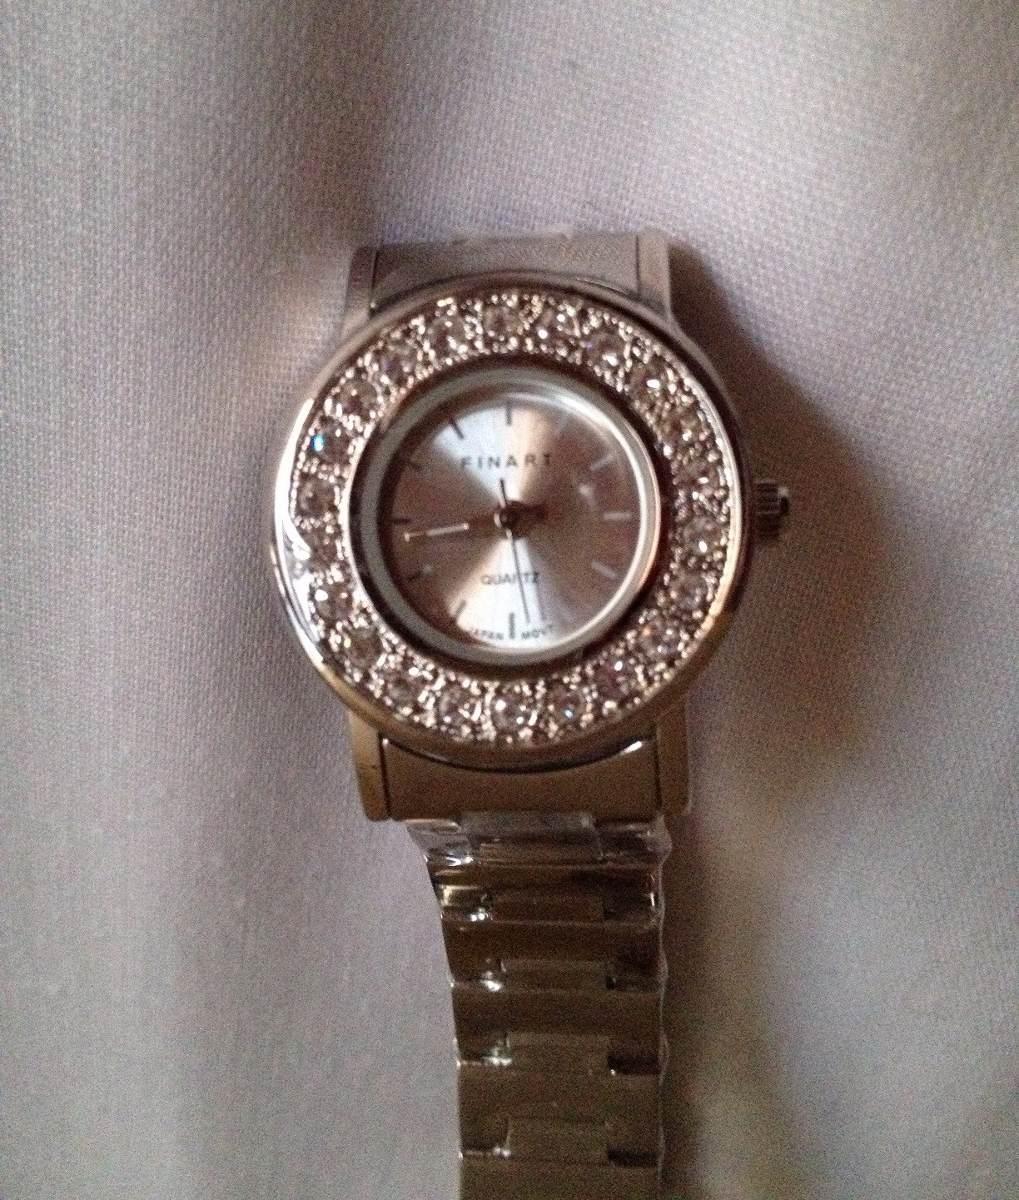 Relojes quartz mujer precios